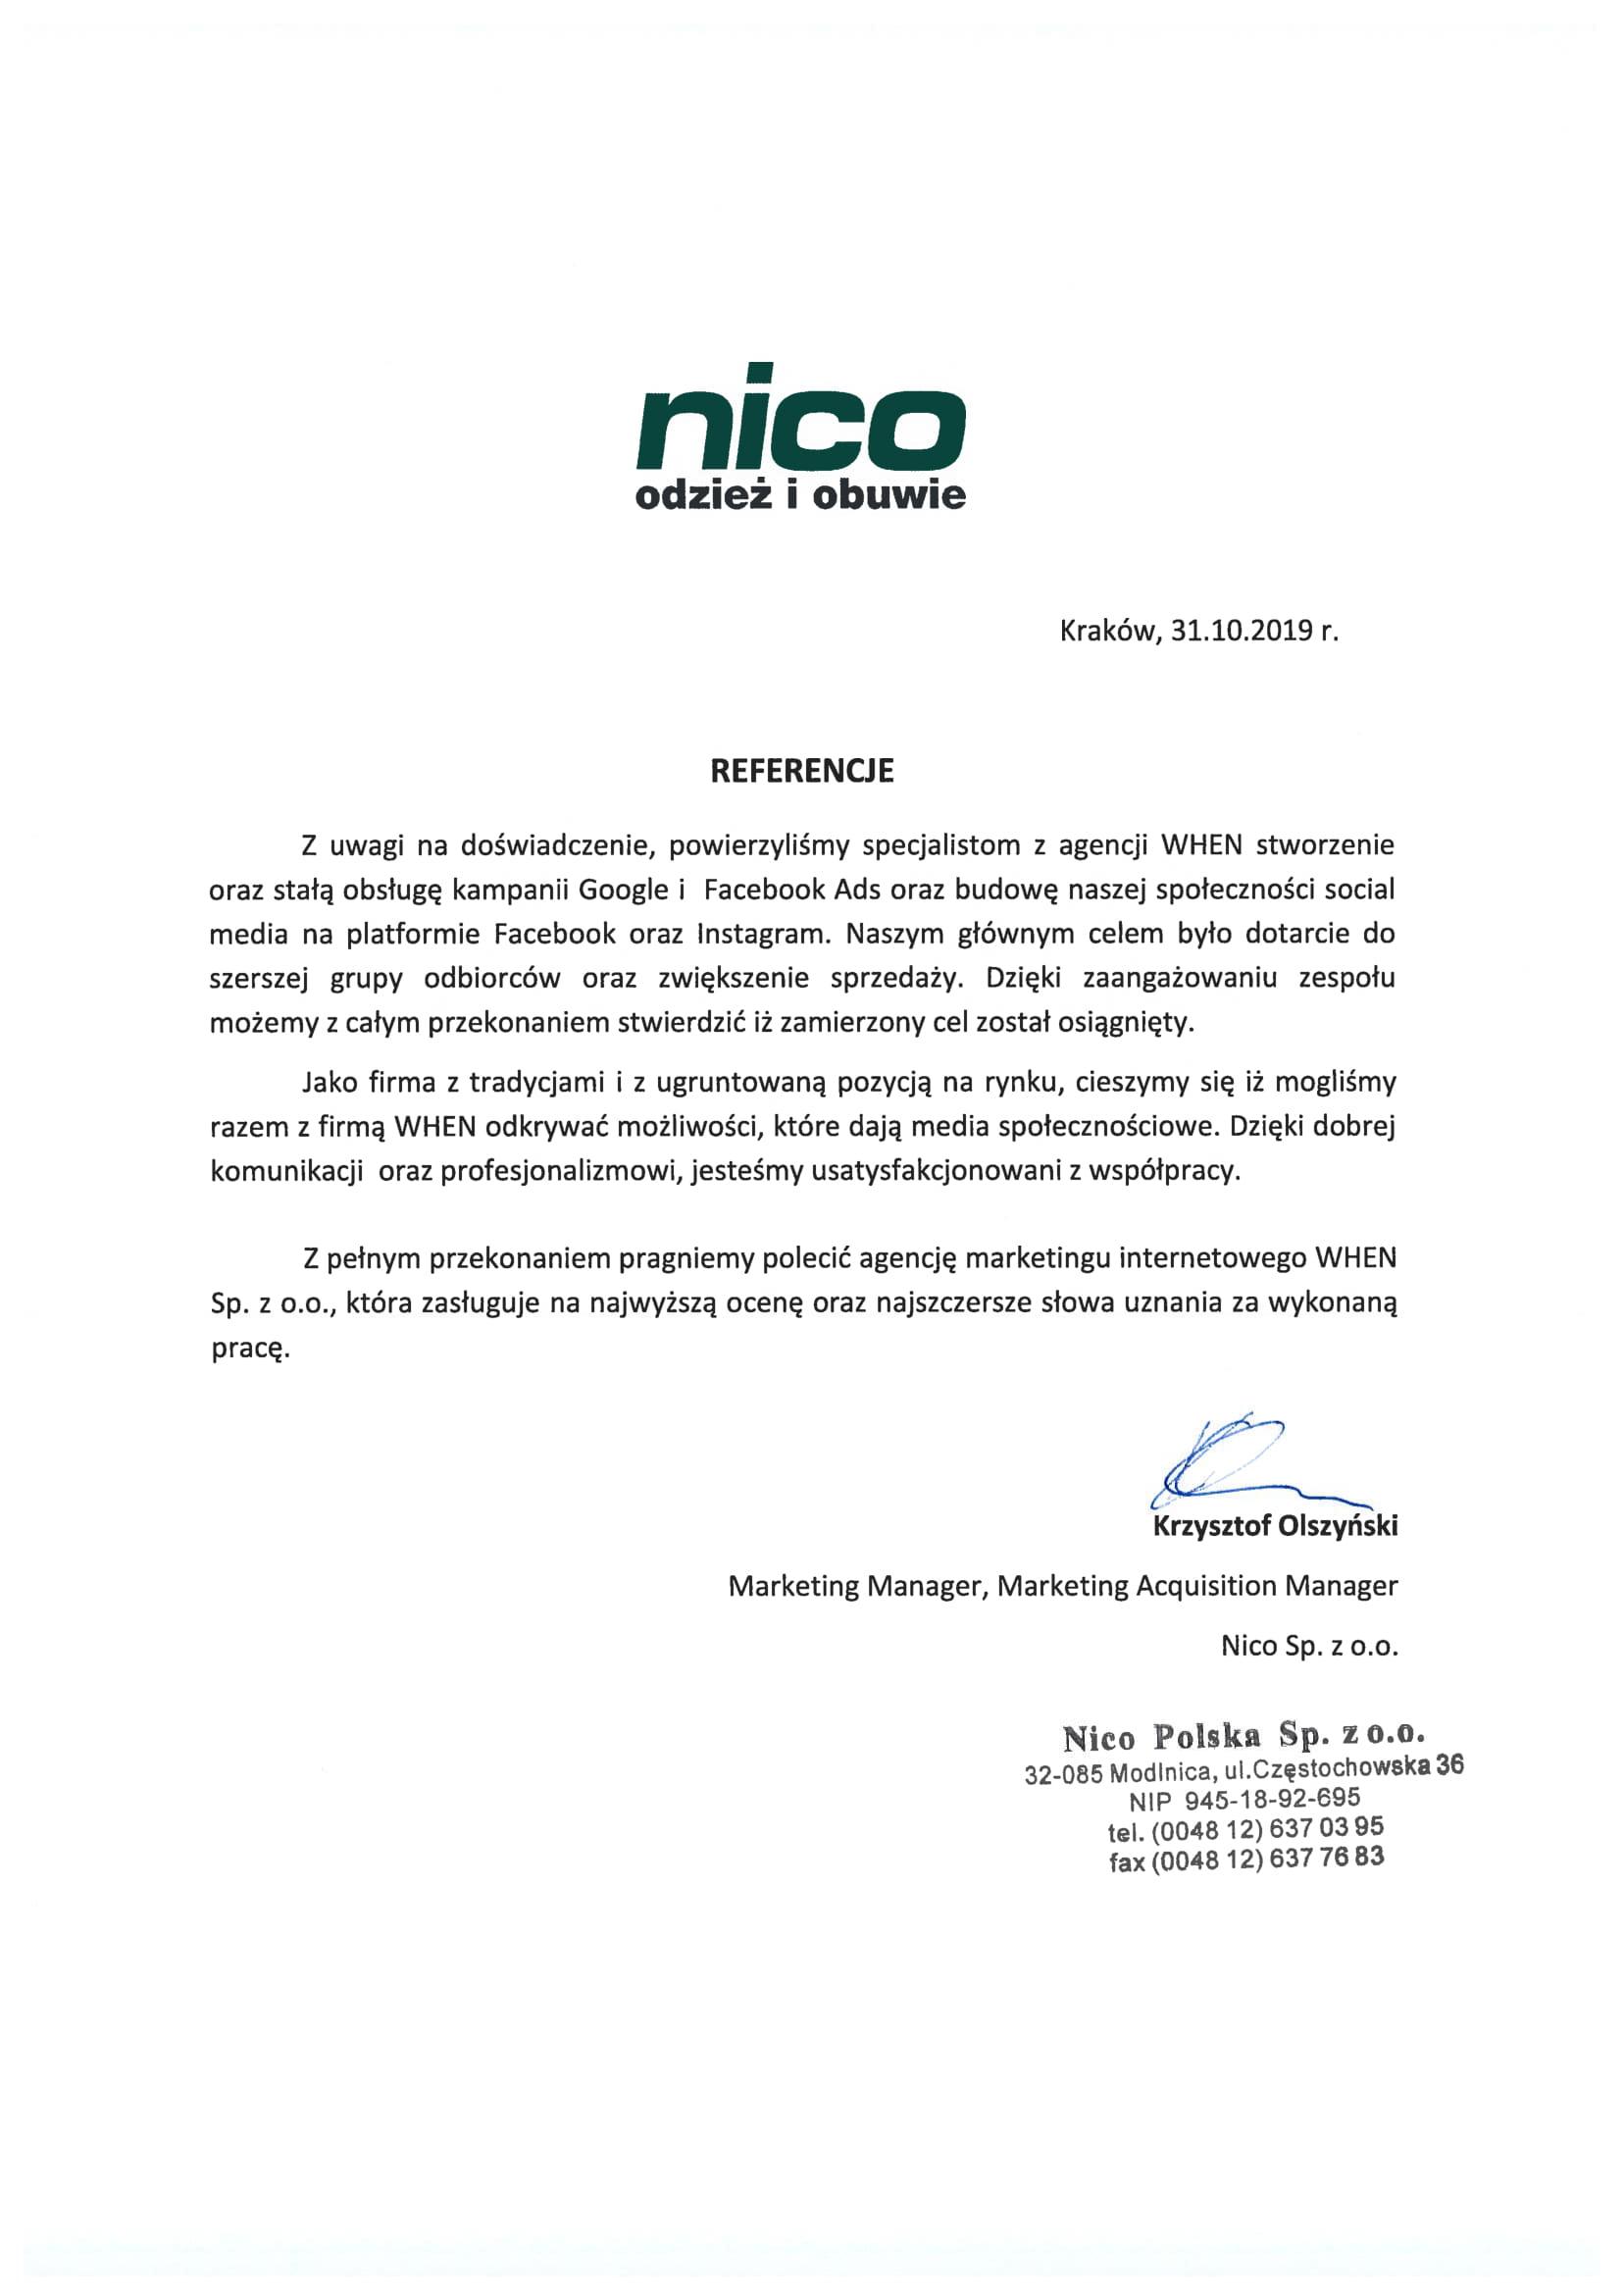 Nico – odzież i obuwie